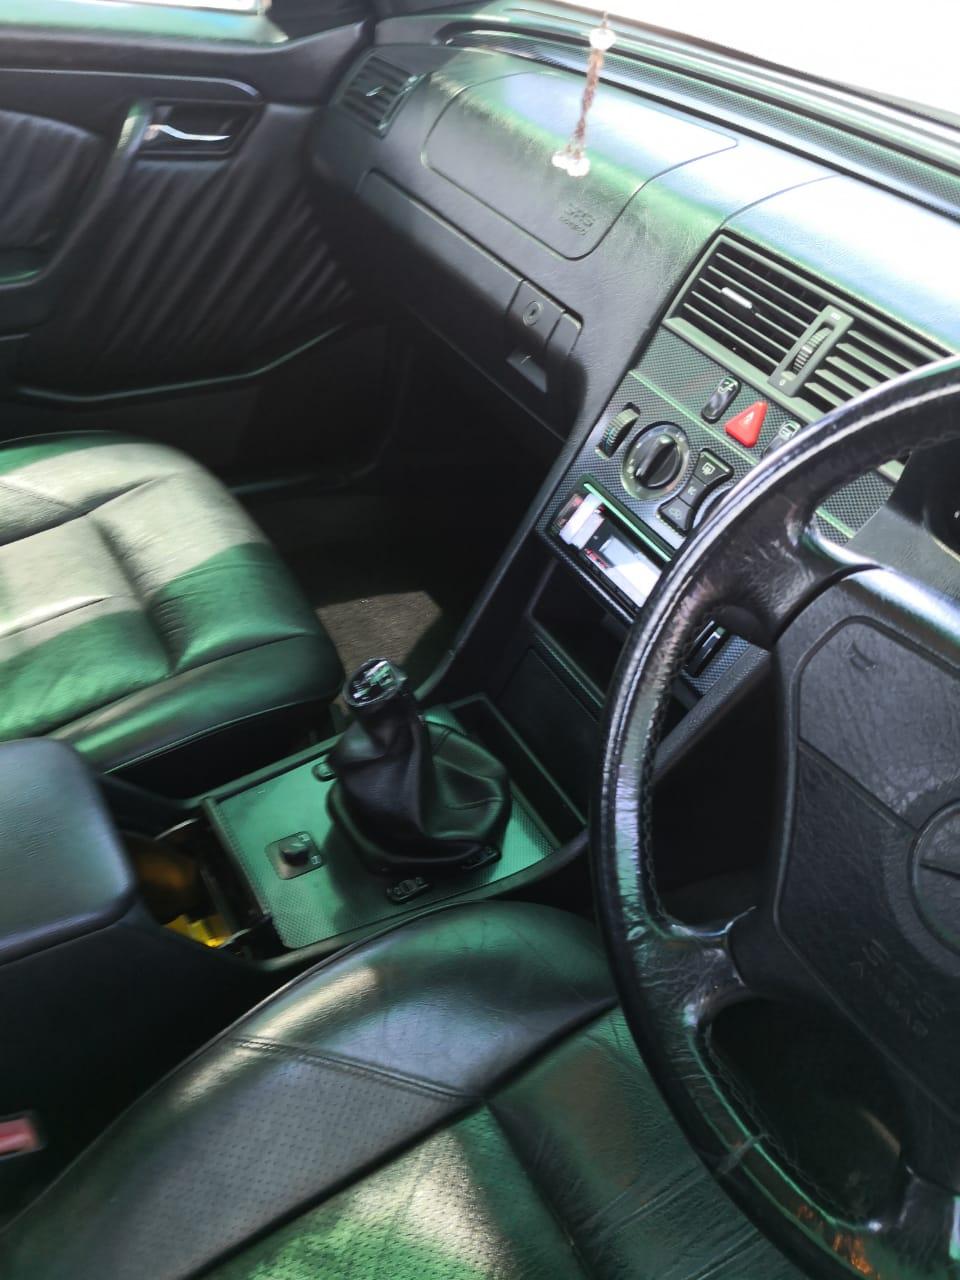 C230 AMG kompressor sport mercedes